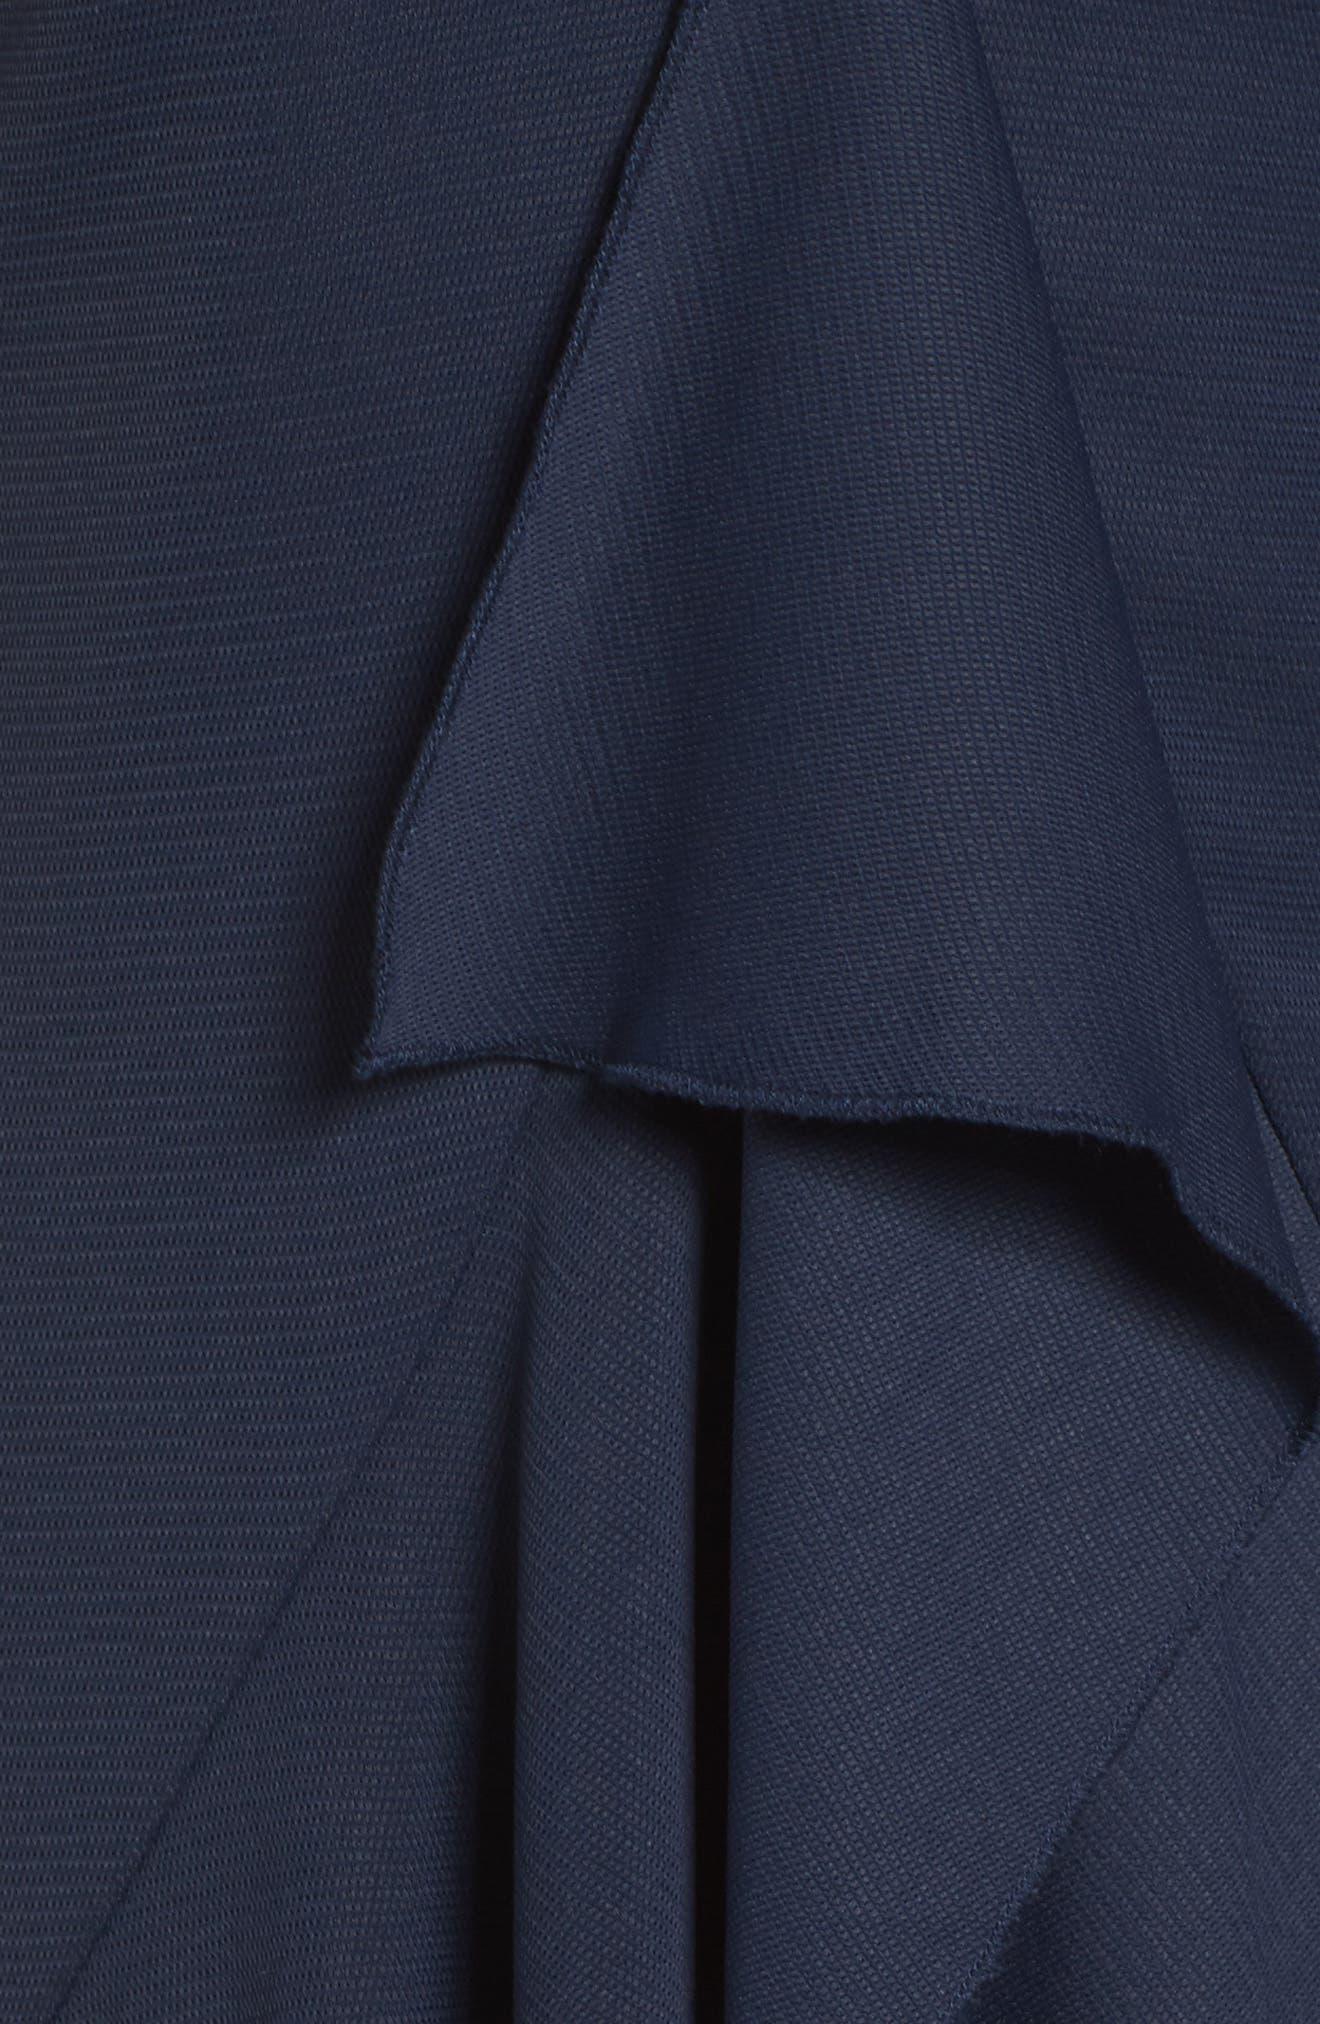 Gossamer Asymmetrical Ruffle Slipdress,                             Alternate thumbnail 9, color,